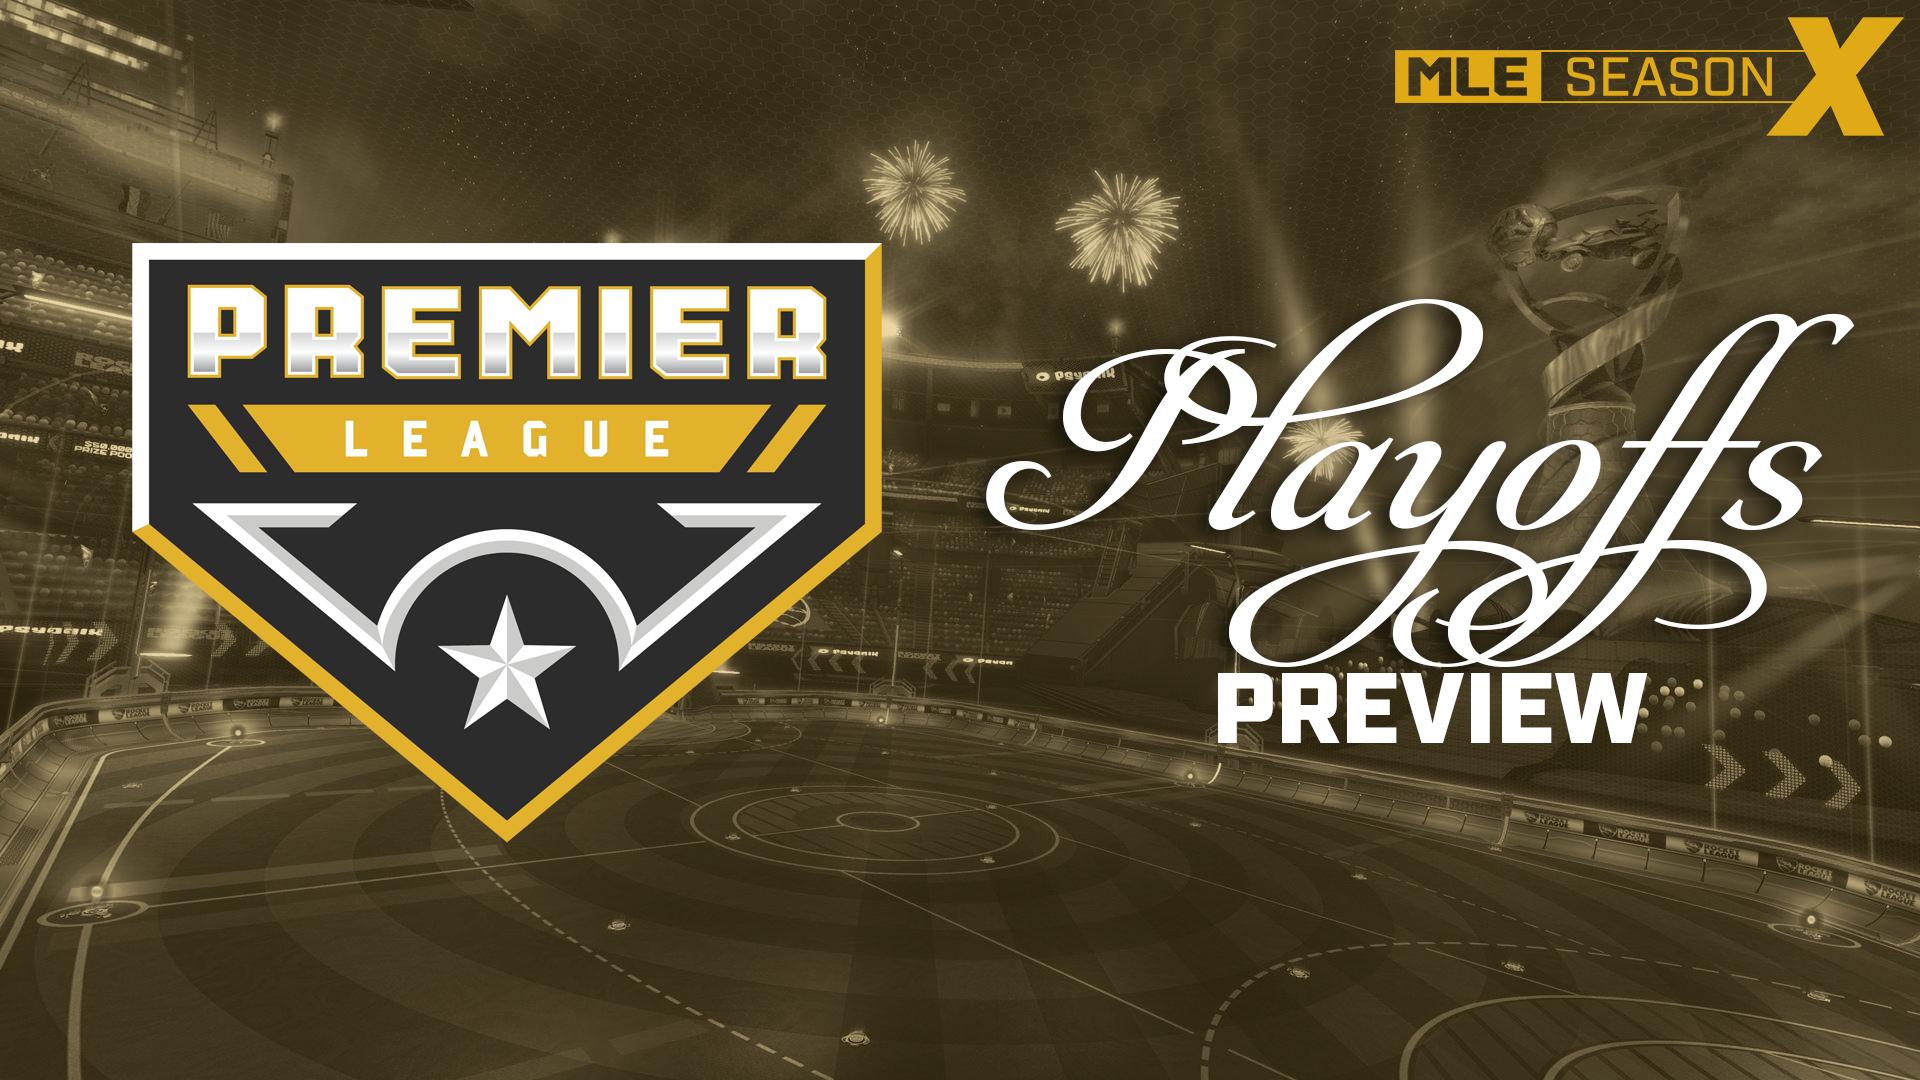 Season 10 Playoffs: Premier League Preview